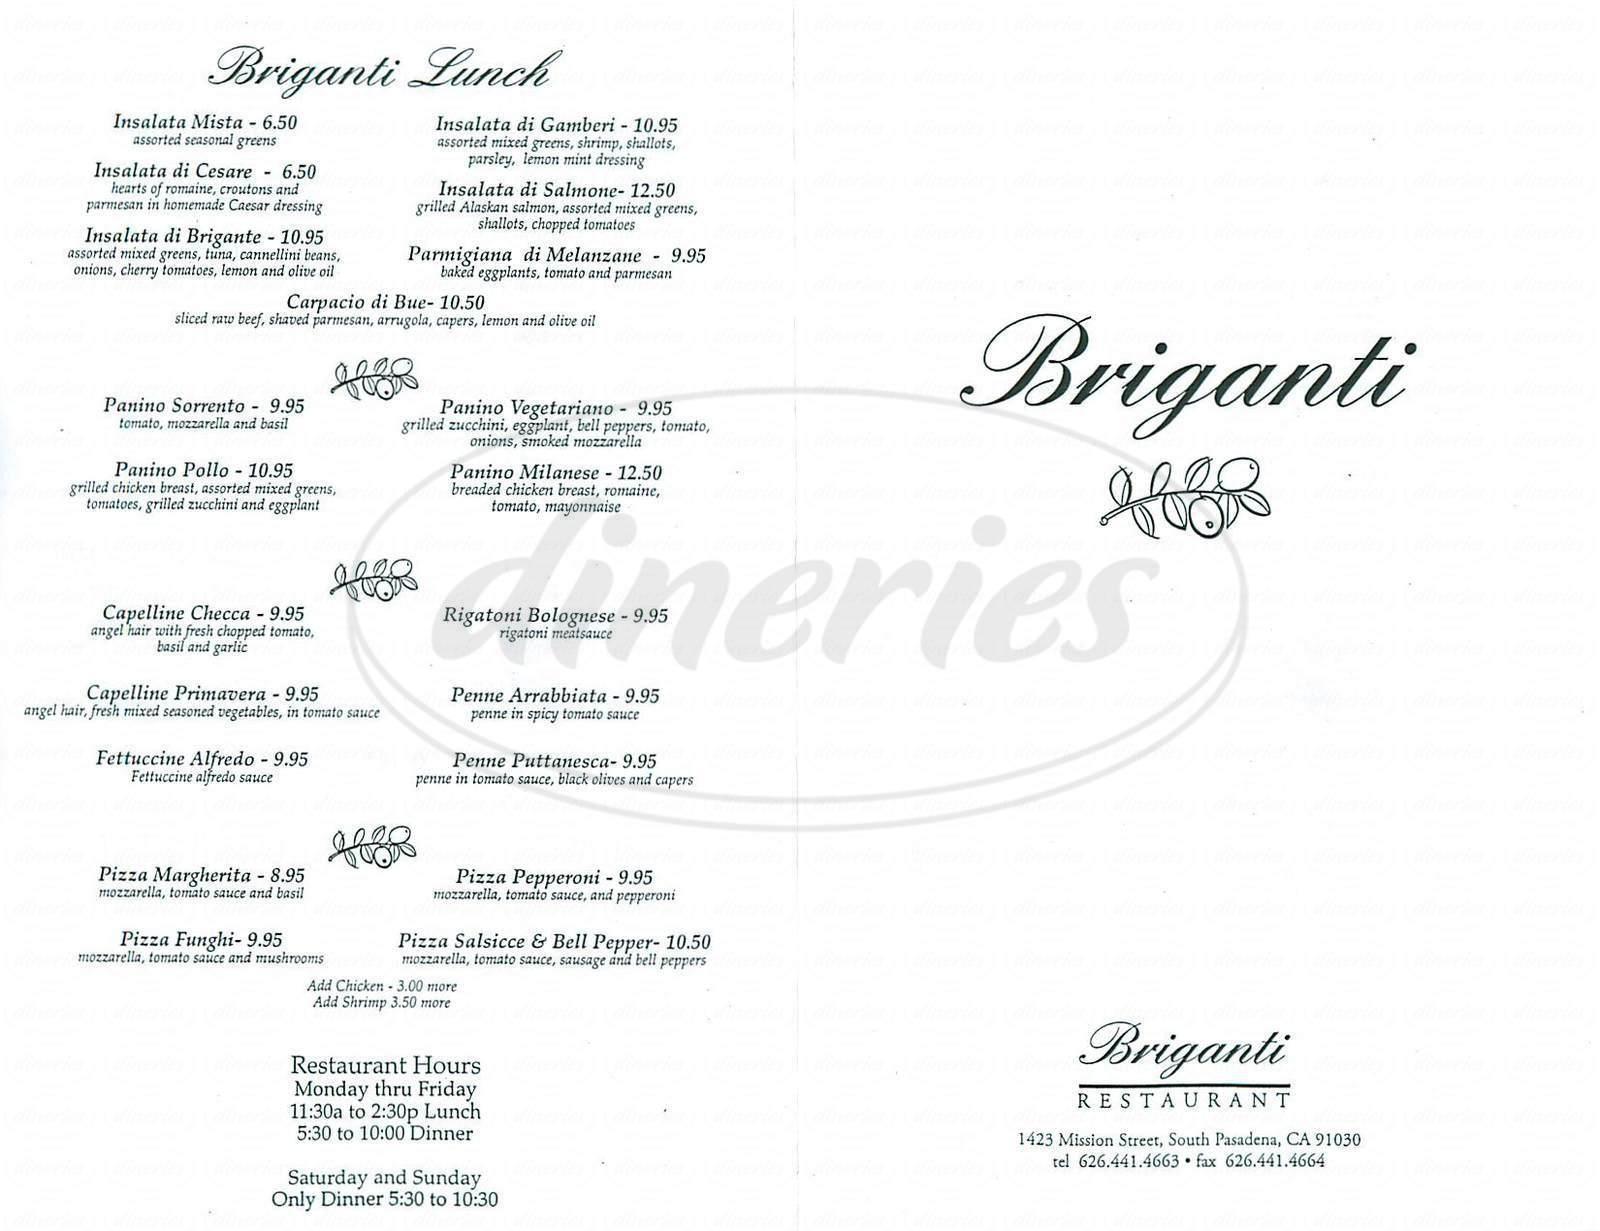 menu for Briganti